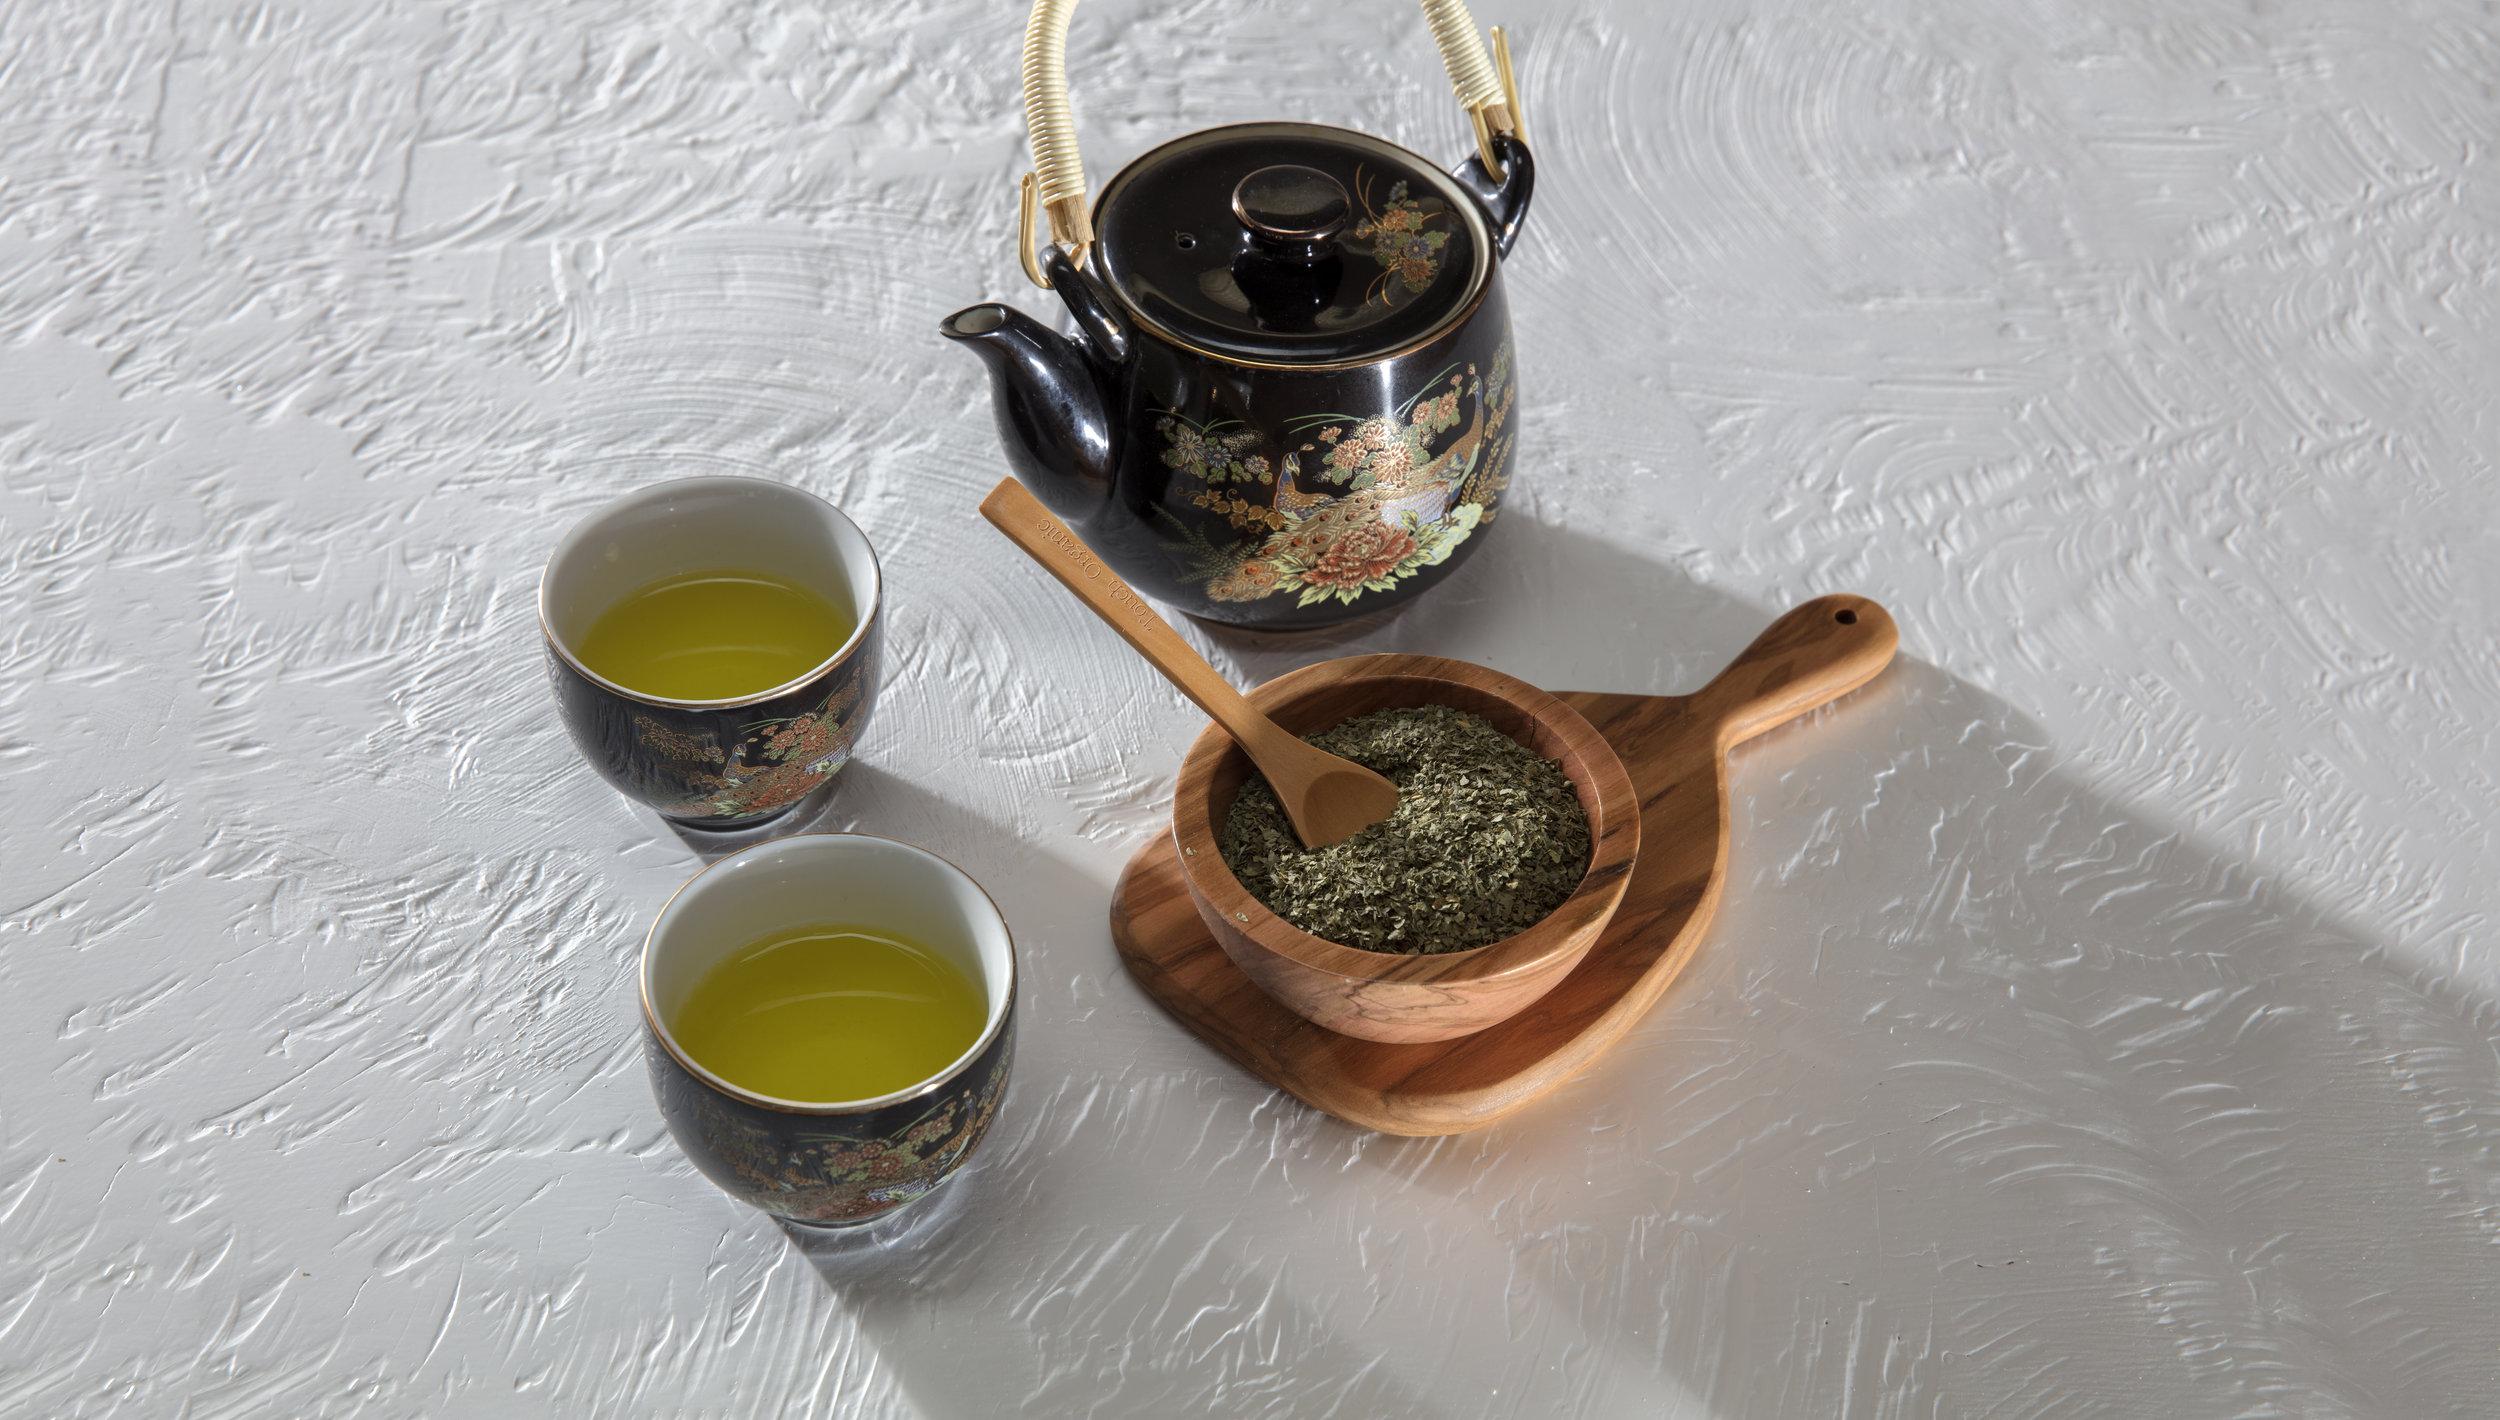 thé vert - Il comporte une grande quantité d'antioxydant : la catéchine, ainsi que de la théanine est un genre d'acide aminé qui a des effets relaxants et qui contribue à la réduction de la nervosité.